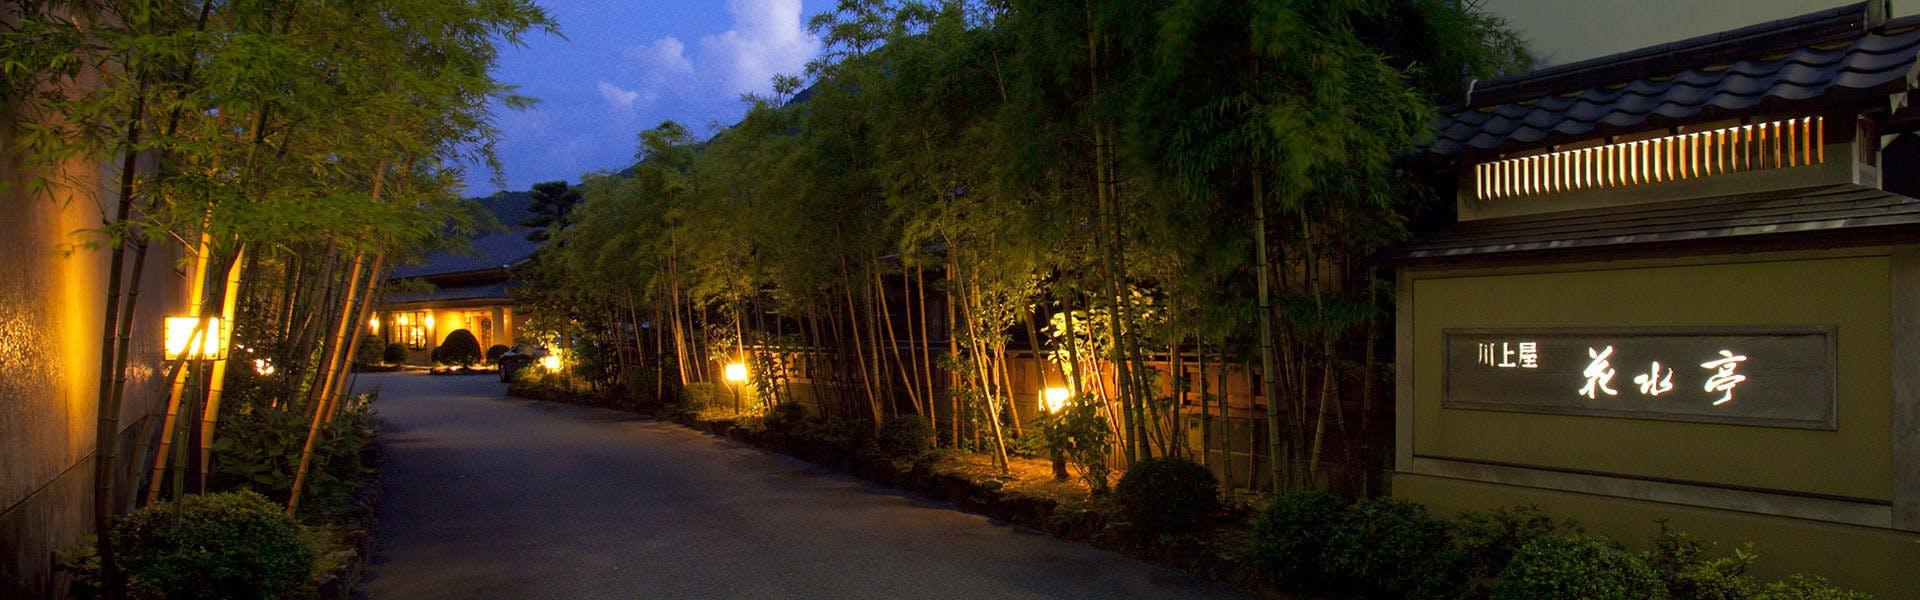 記念日におすすめのホテル・下呂温泉 川上屋花水亭の写真1